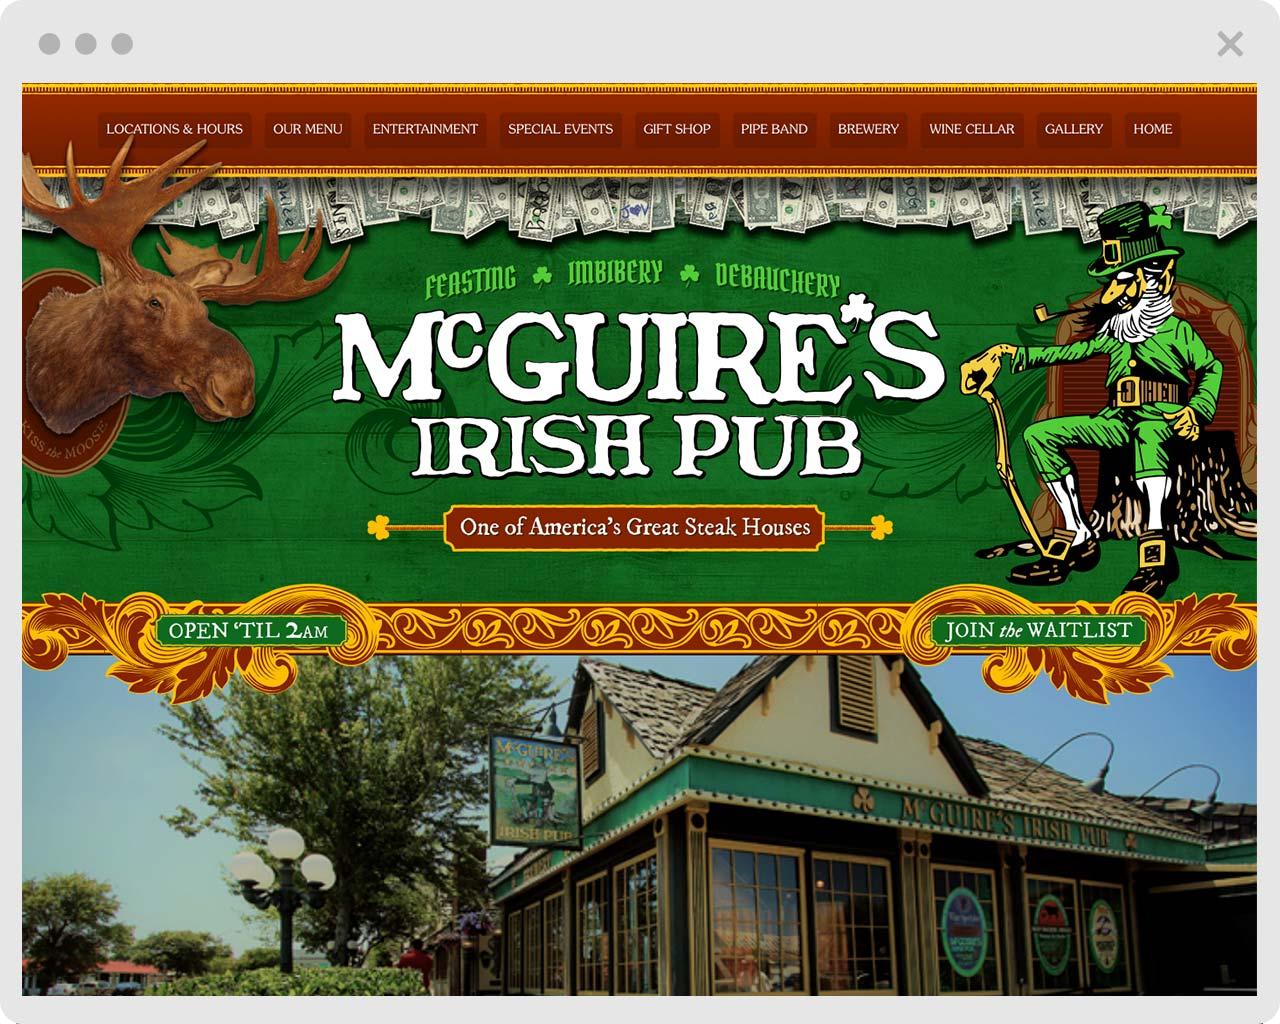 image of McGuires Irish Pub website